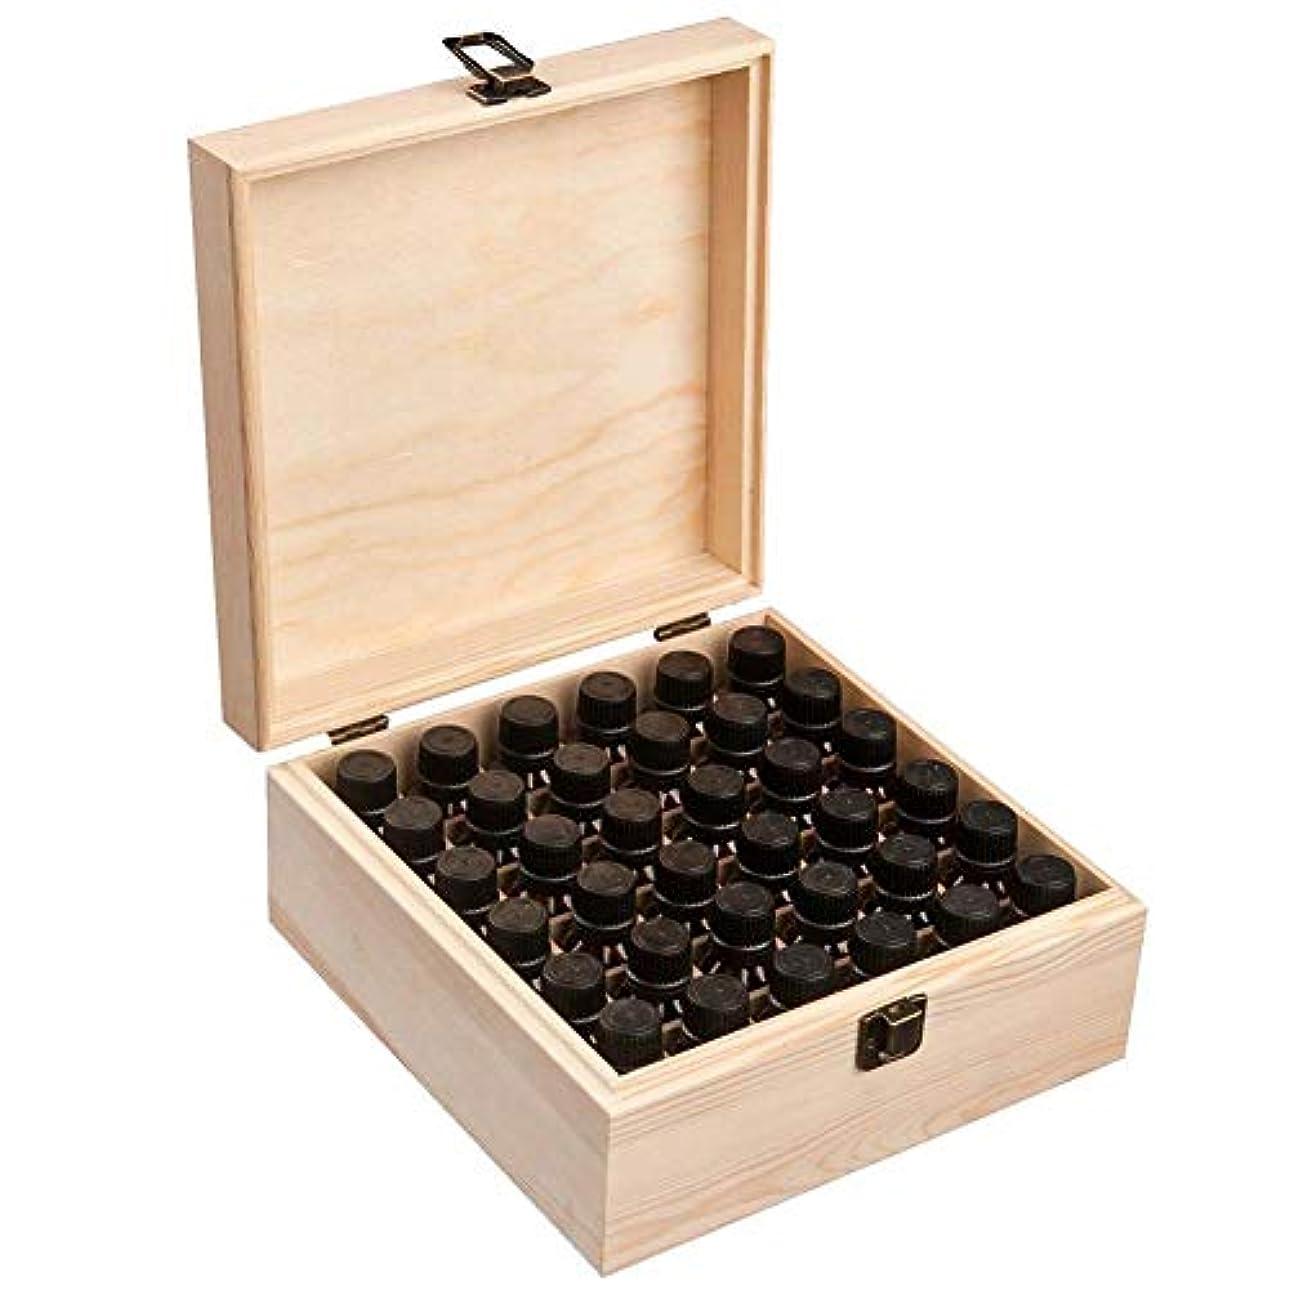 執着メンバー蜂エッセンシャルオイル収納ボックス 純木の精油の収納箱 香水収納ケース アロマオイル収納ボックス 36本用